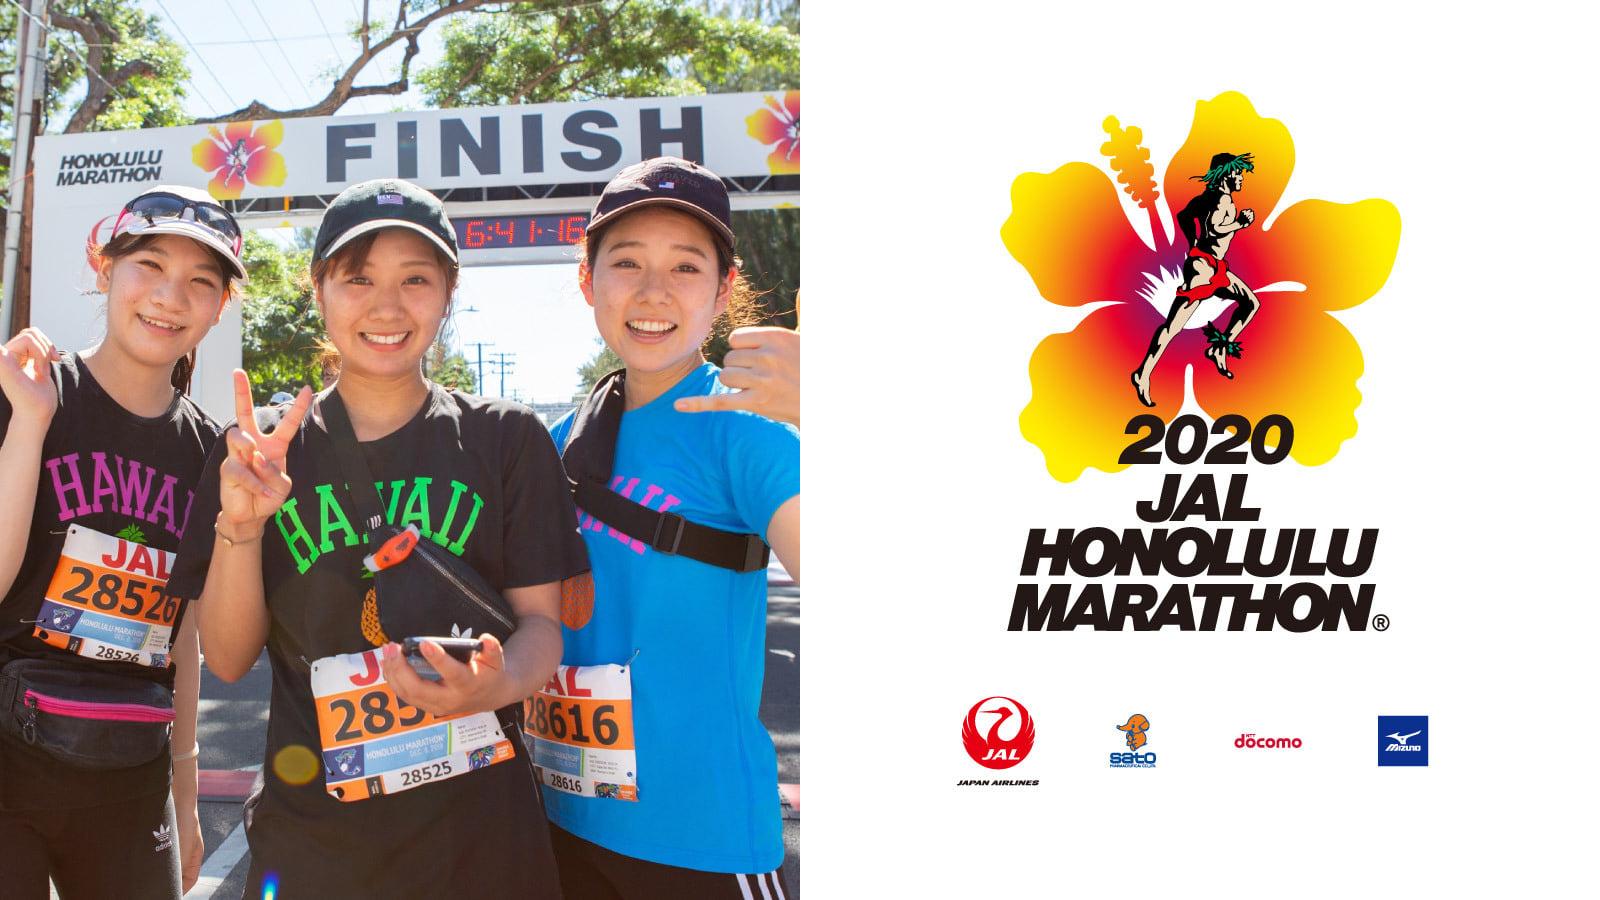 ハワイの恒例「ホノルルマラソン2020」断念/延期検討へ